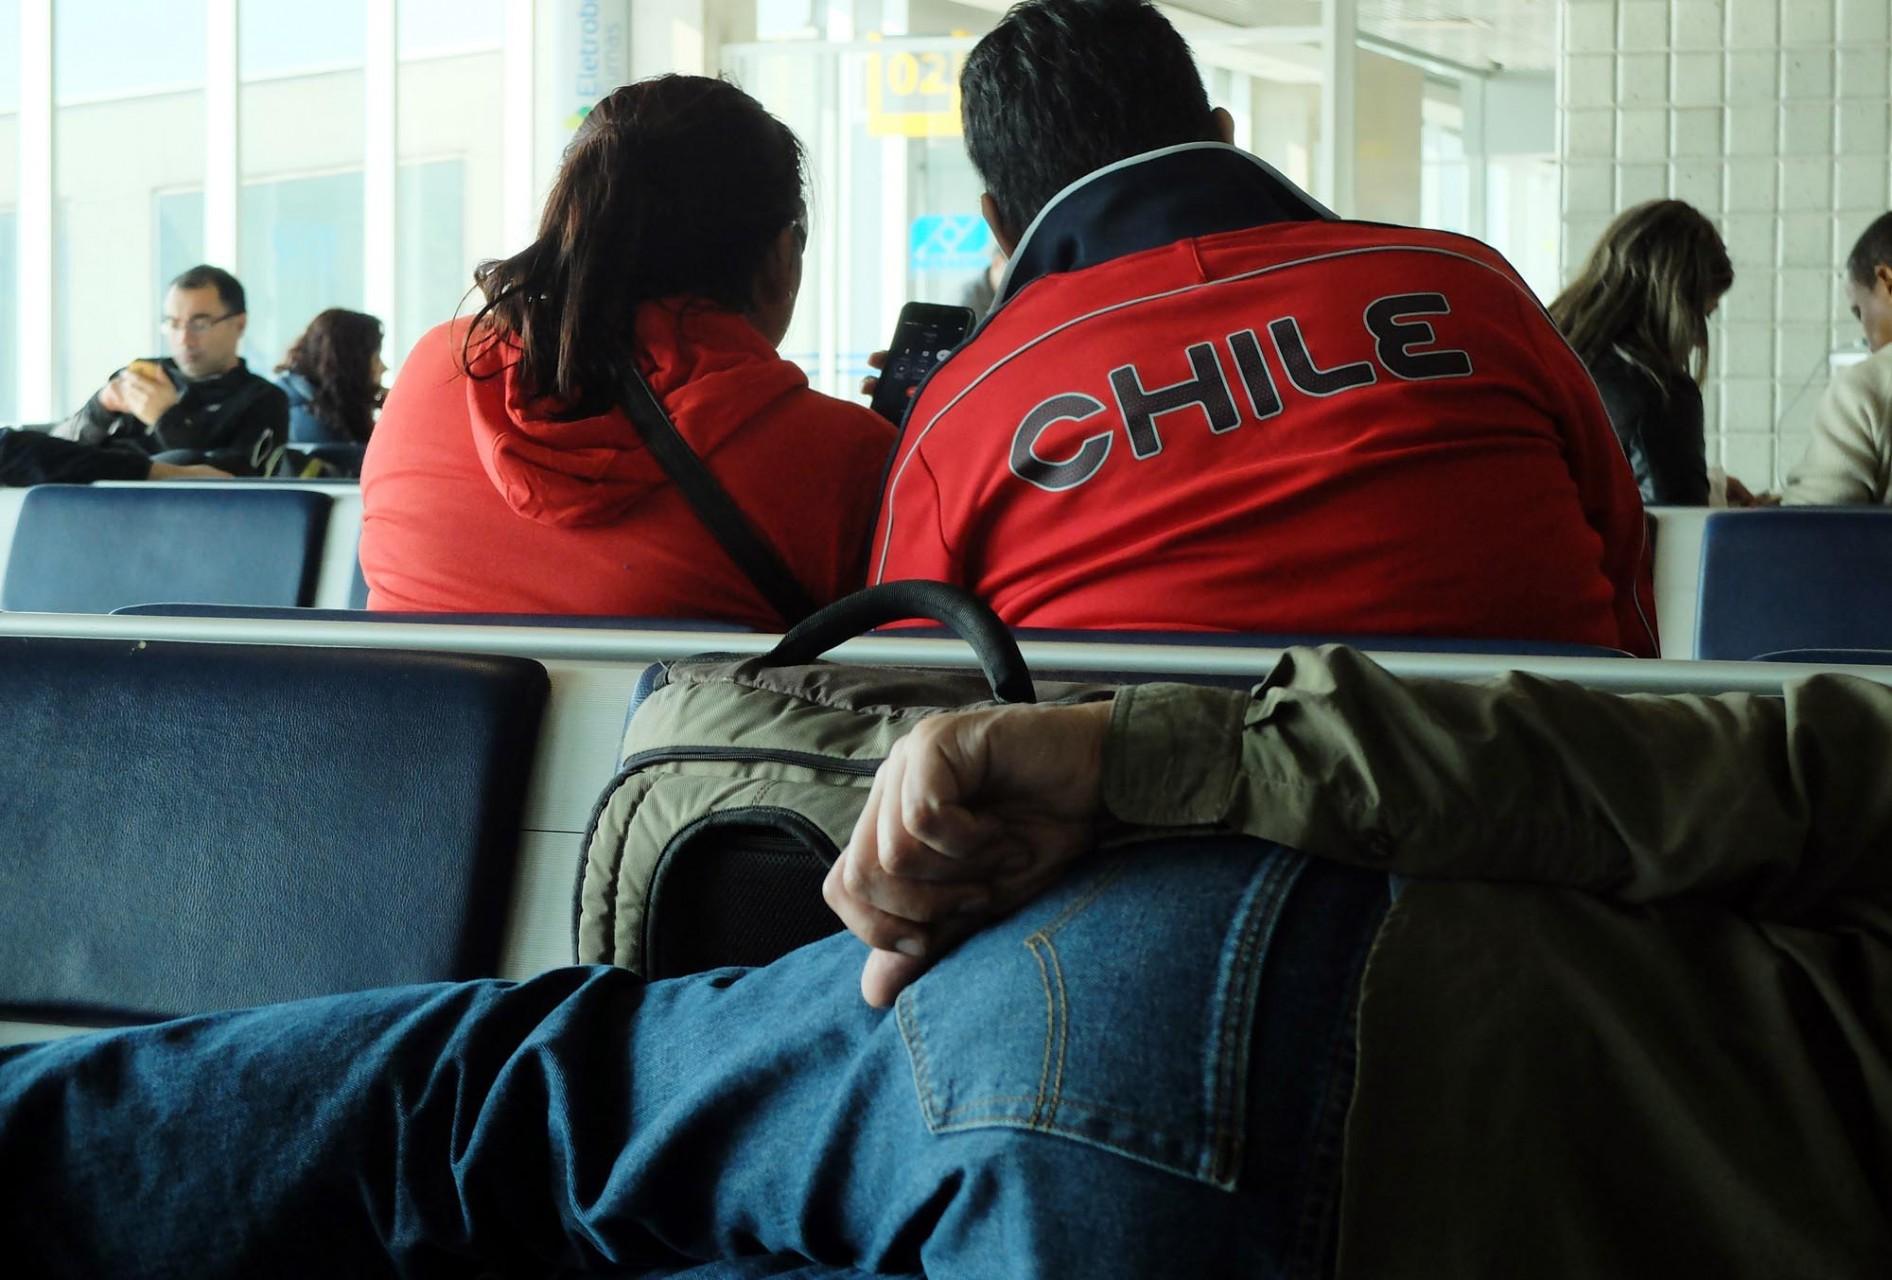 Y lo del sueño es literal: un viaje largo obligó a los chilenos a dormir en cualquier posición y lugar en su travesía mundialera.